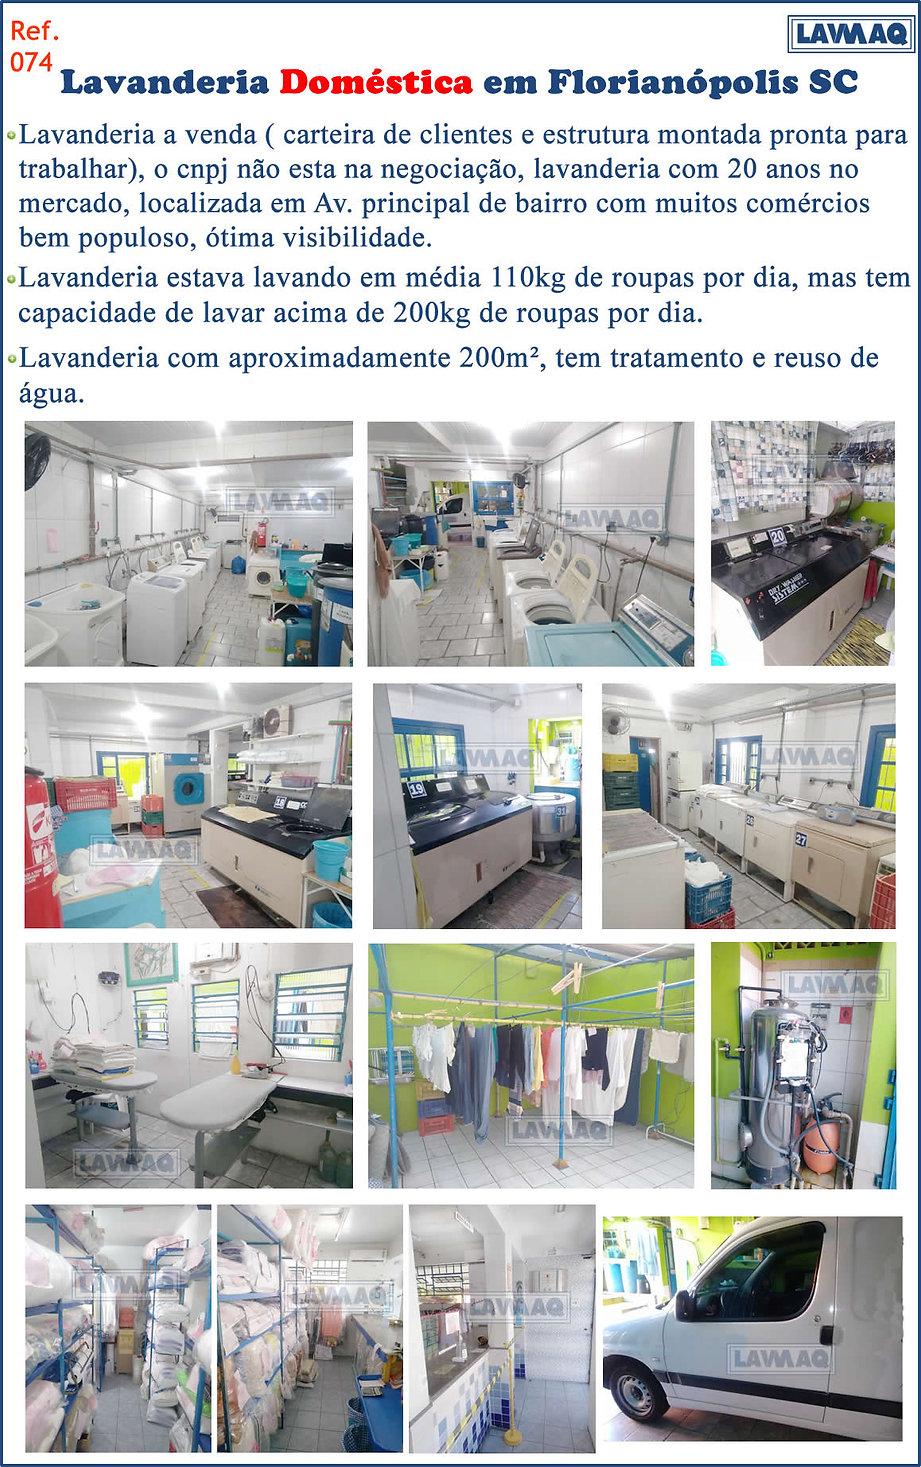 ref 074 lavanderia domestica em Floriano